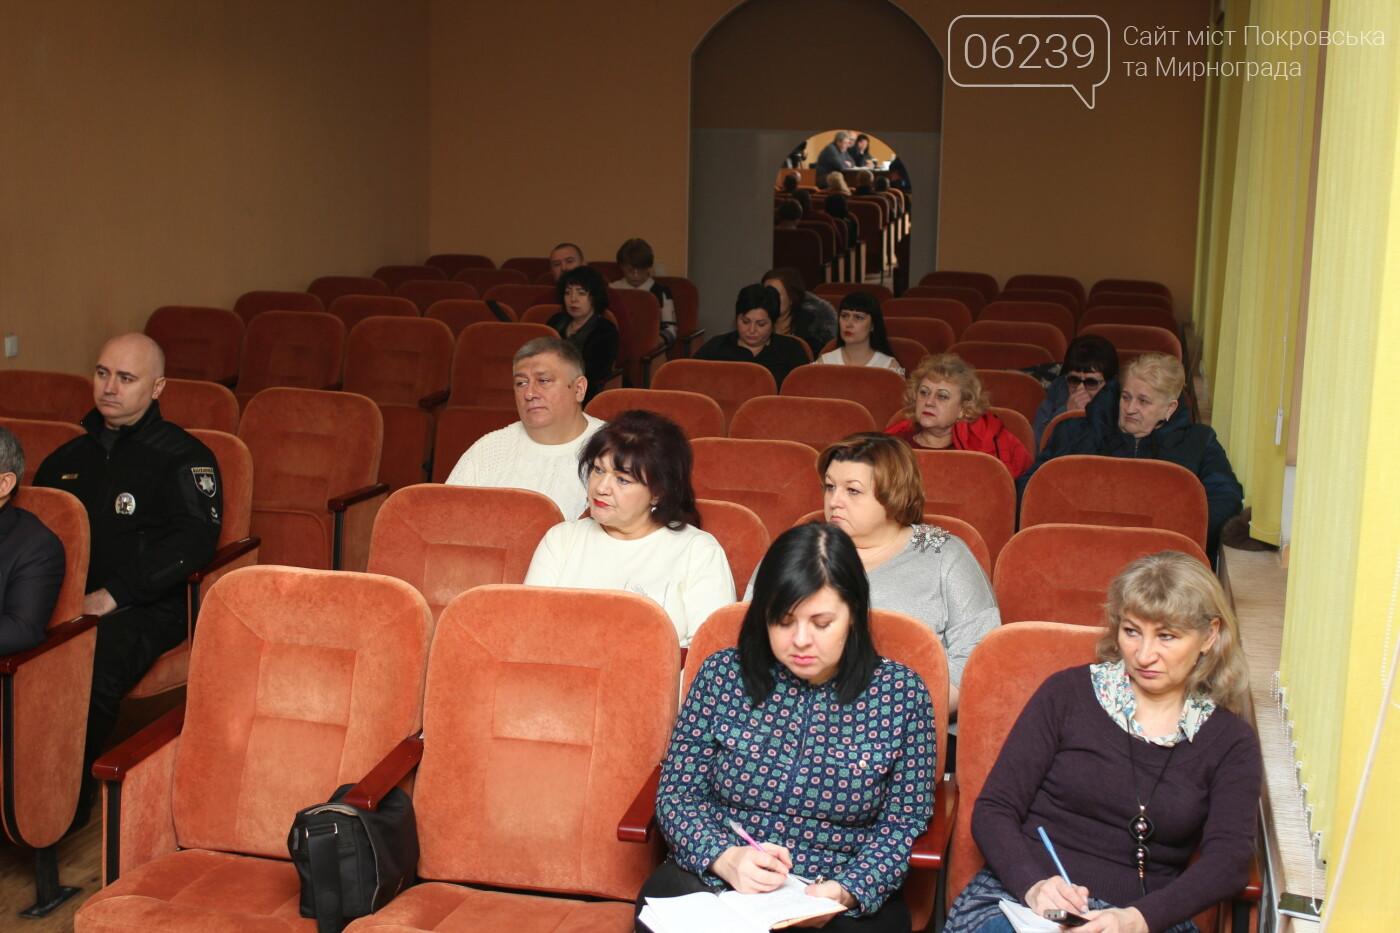 Первый заместитель главы Донецкой ОГА Игорь Мороз провел личный прием граждан в Мирнограде, фото-3